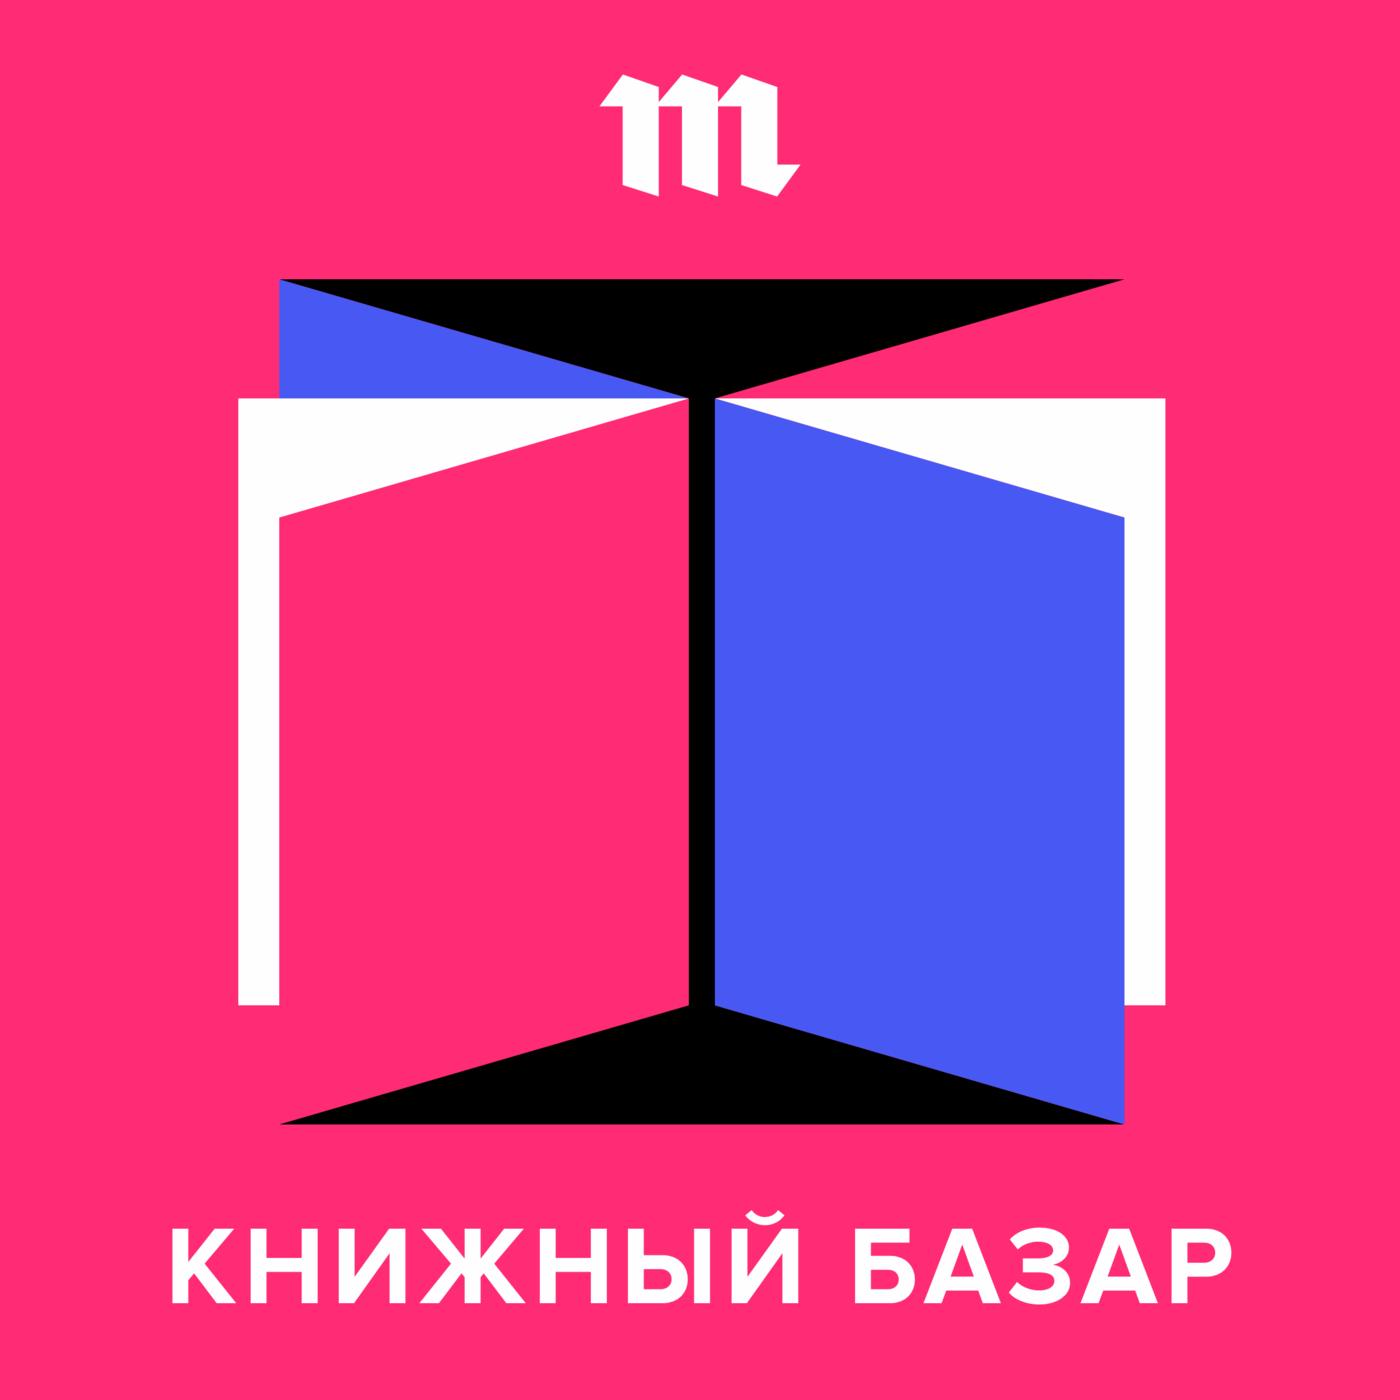 Глава, в которой Пушкин и Некрасов оказываются феминистами, а Гамлет и Скайуокер теряют главные роли